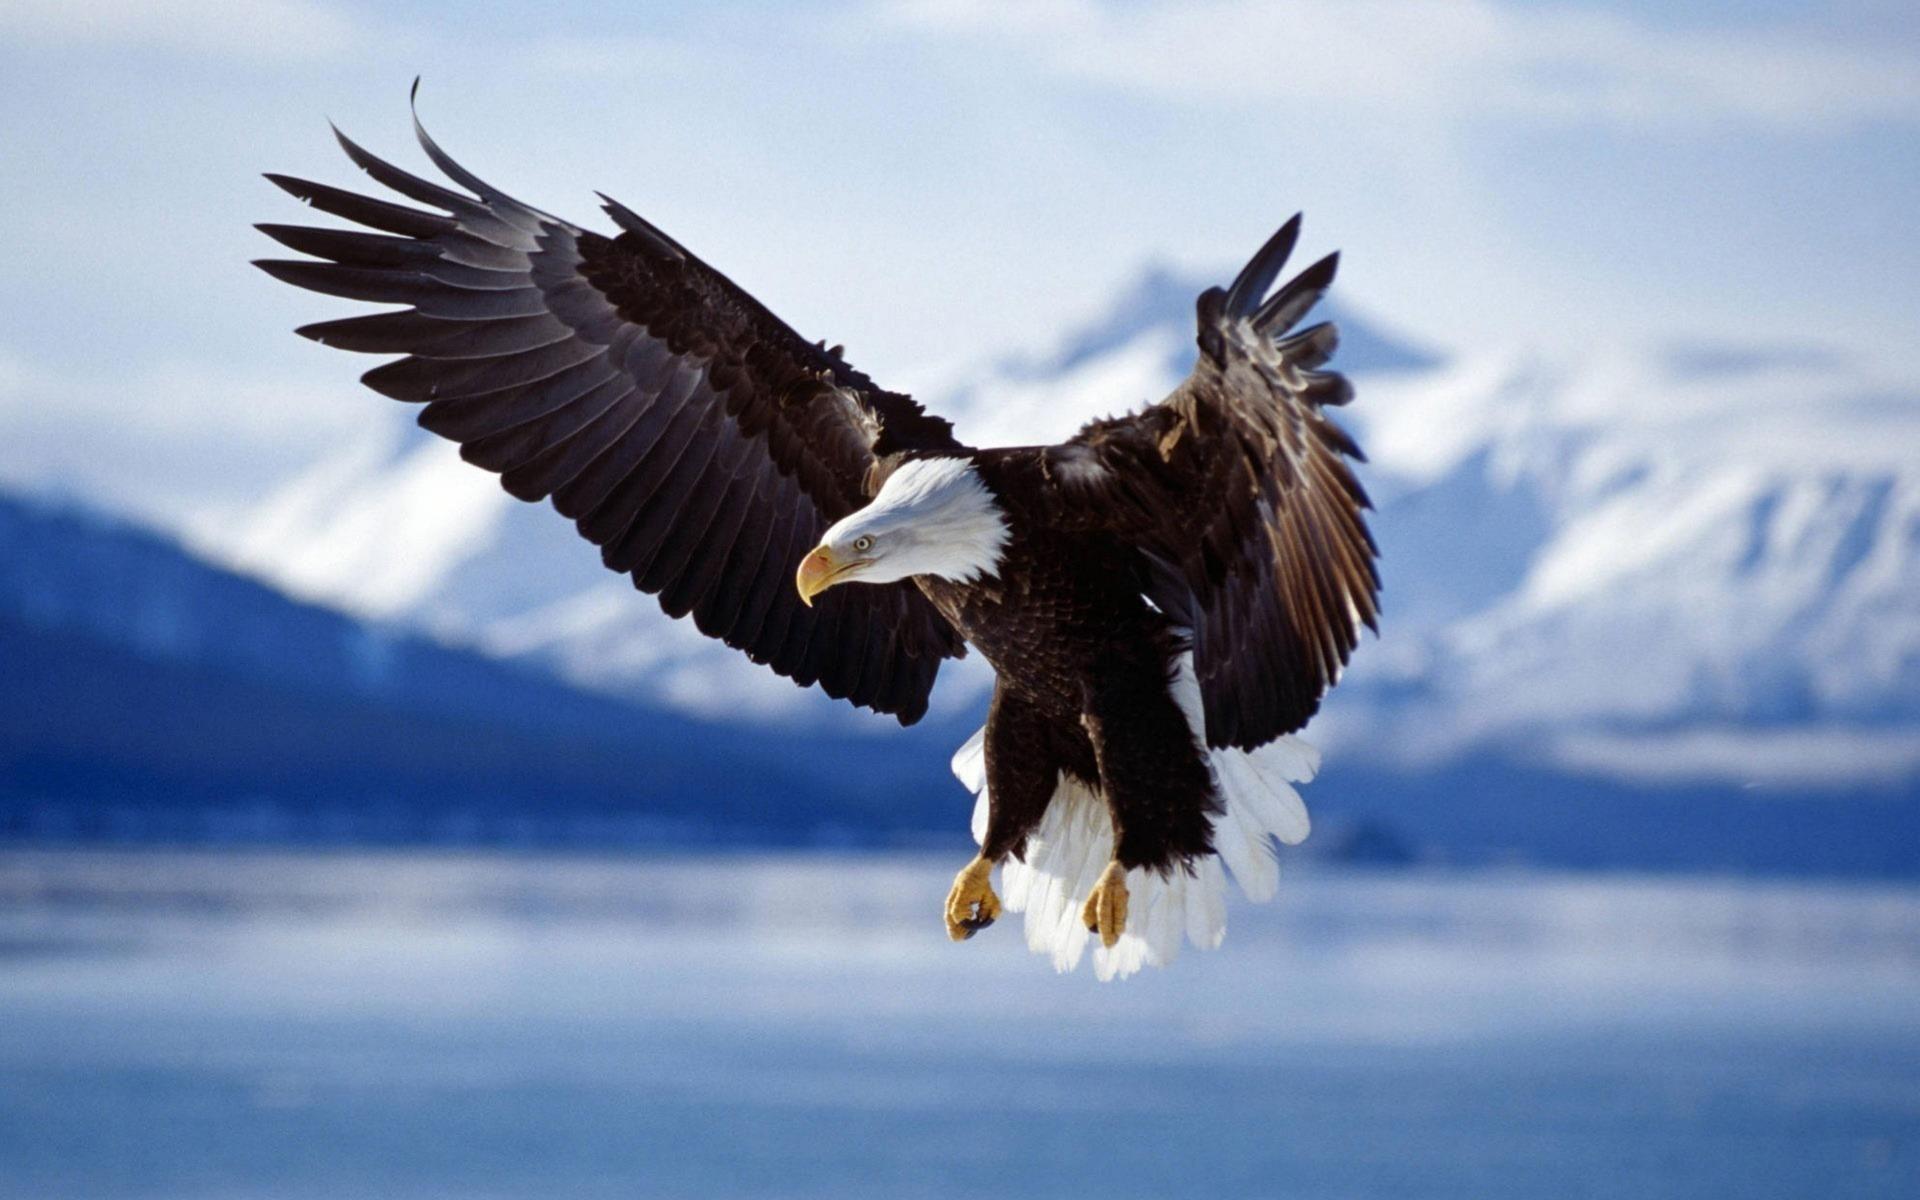 Des oiseaux - fond d écran et photos à télécharger - série 132 - fonds  d écran gratuits by unesourisetmoi c382ac8378f